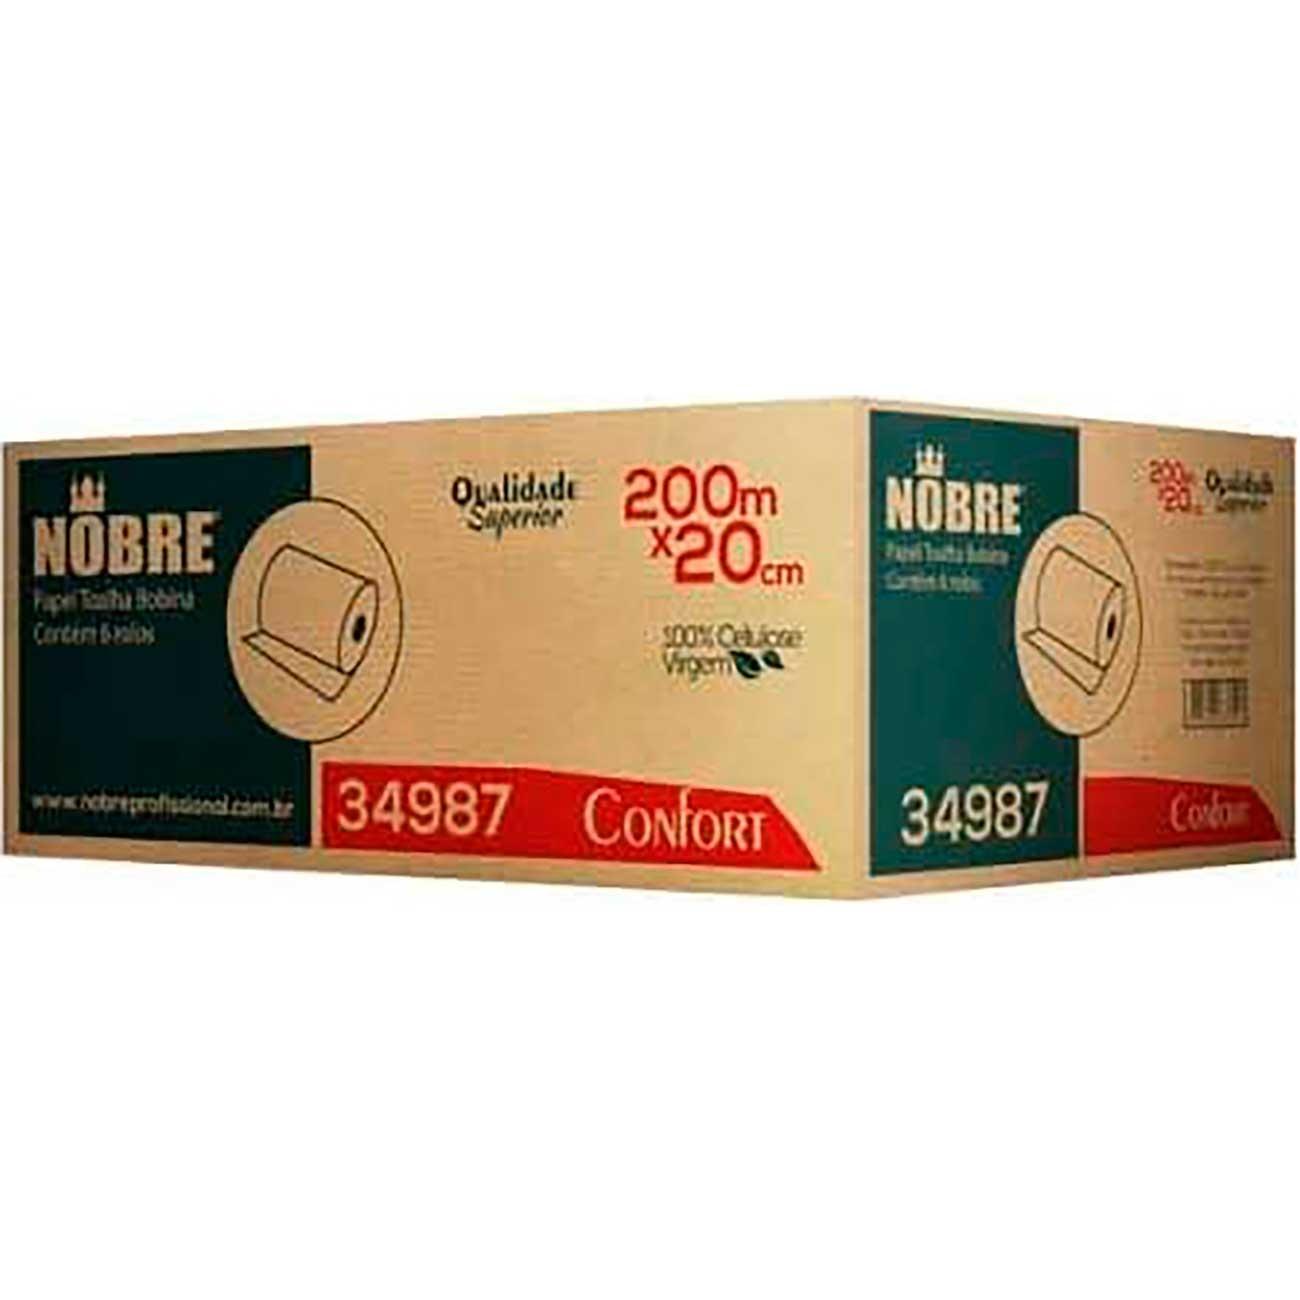 Papel Toalha Bobina Nobre Confort 100%Celulose 200m | Caixa com 6 unidades